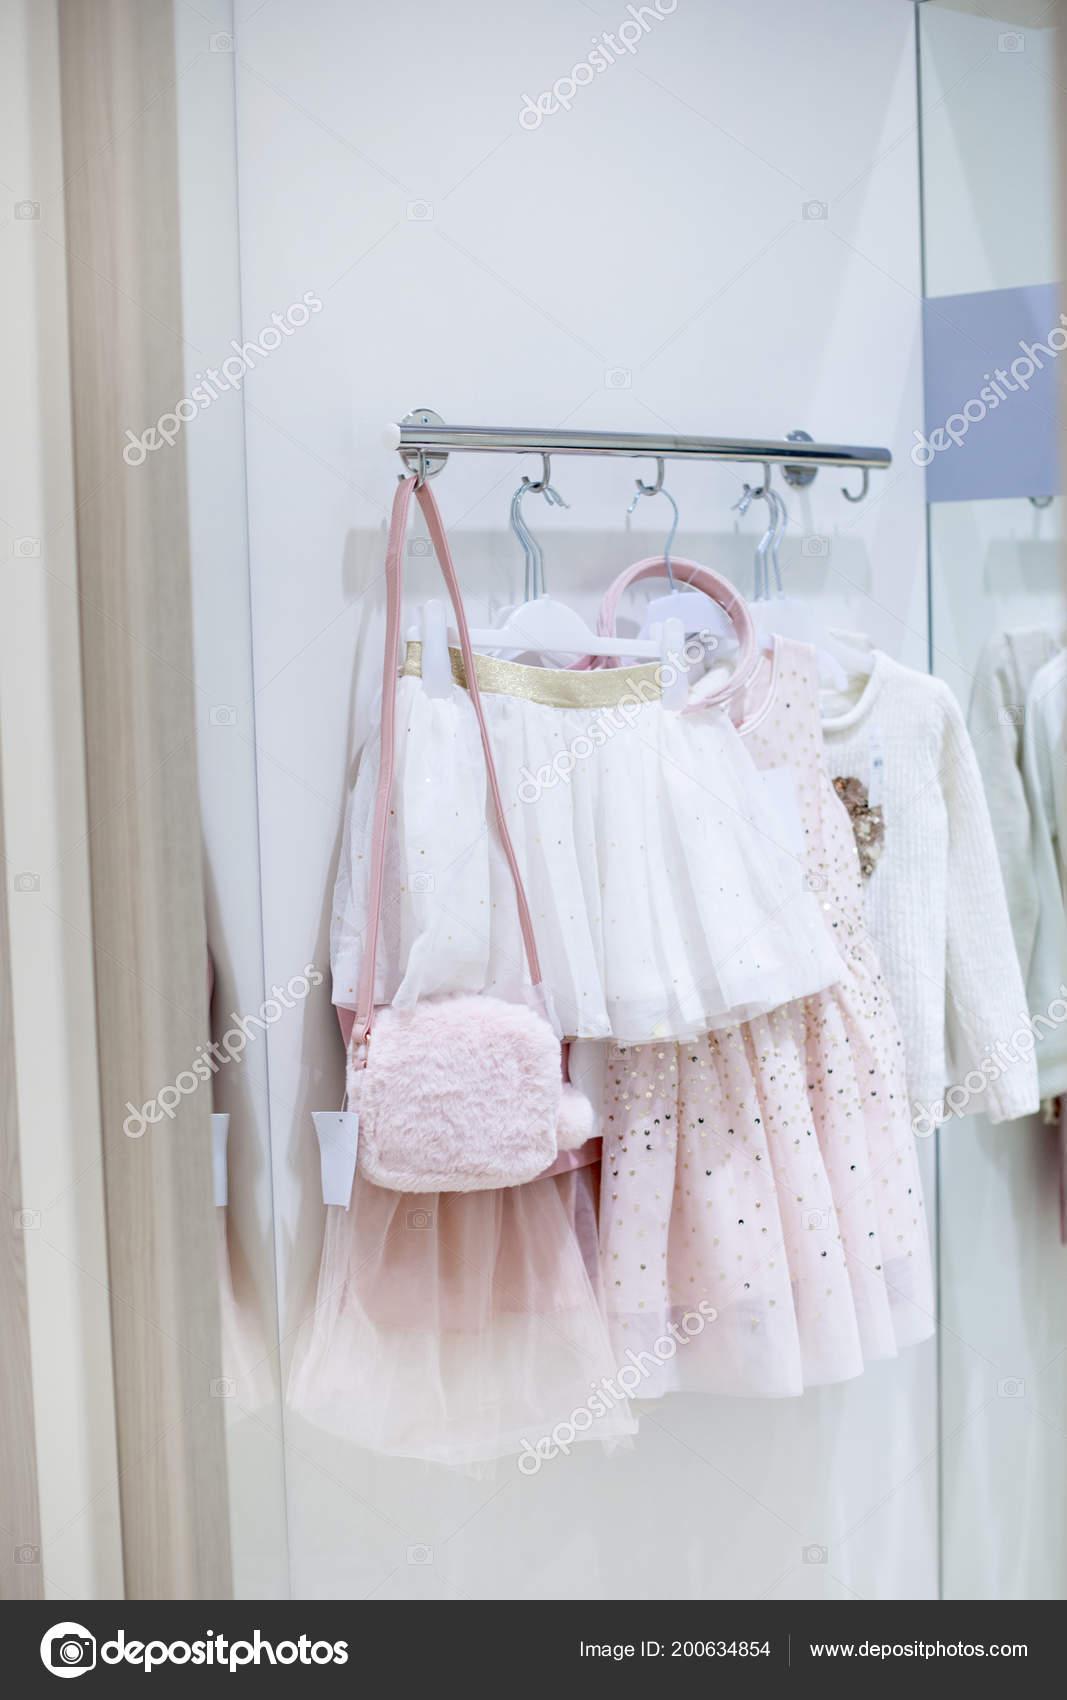 541f480450b Παιδικά Ρούχα για κορίτσια. Φανταχτερά φορέματα στο κατάστημα. Γκαρνταρόμπα  — Φωτογραφία Αρχείου